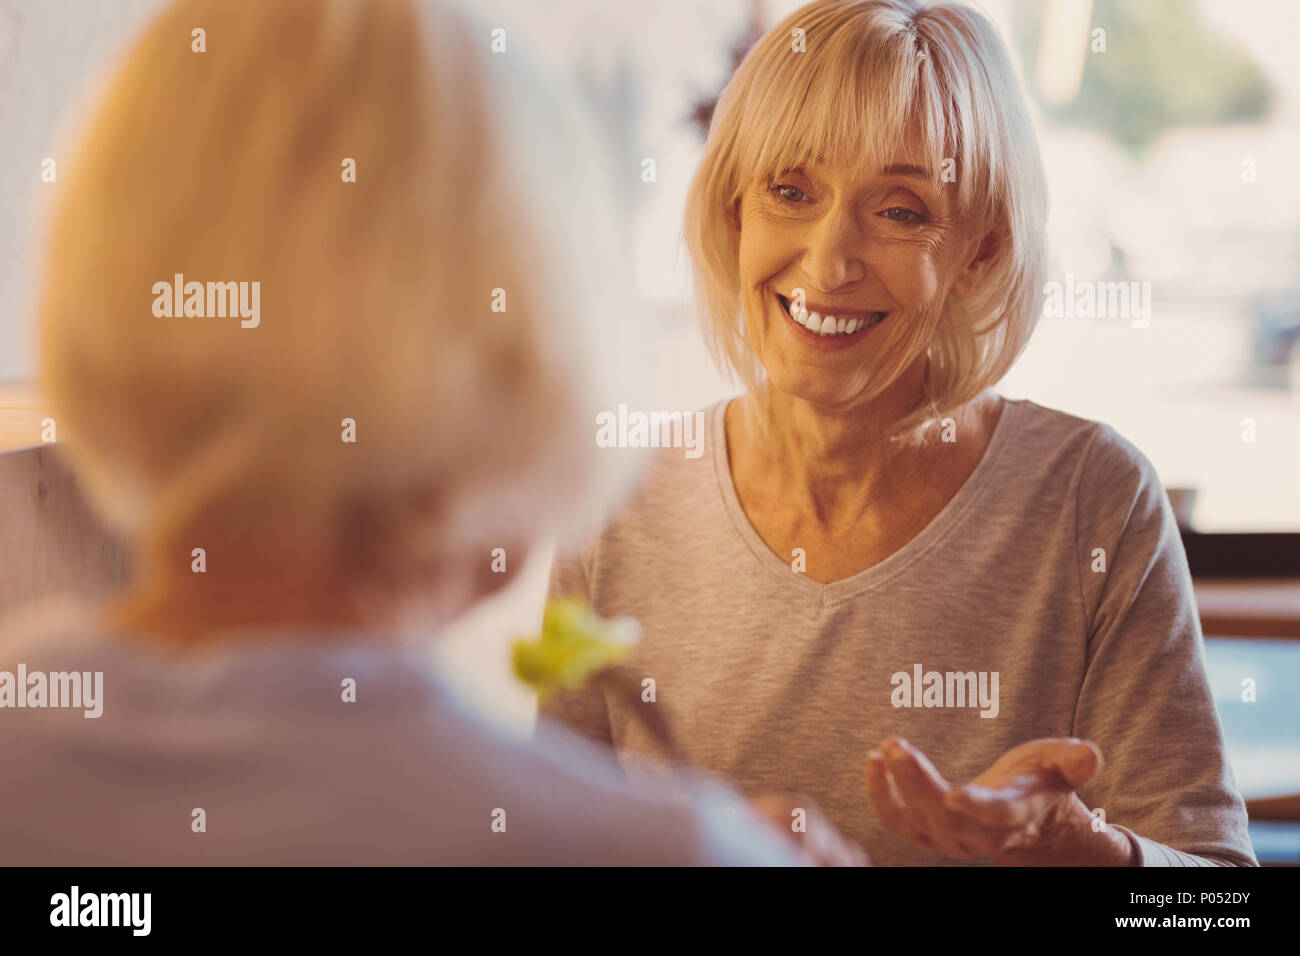 Alegre mujer contándole a su amiga noticias durante el brunch en el cafe Imagen De Stock